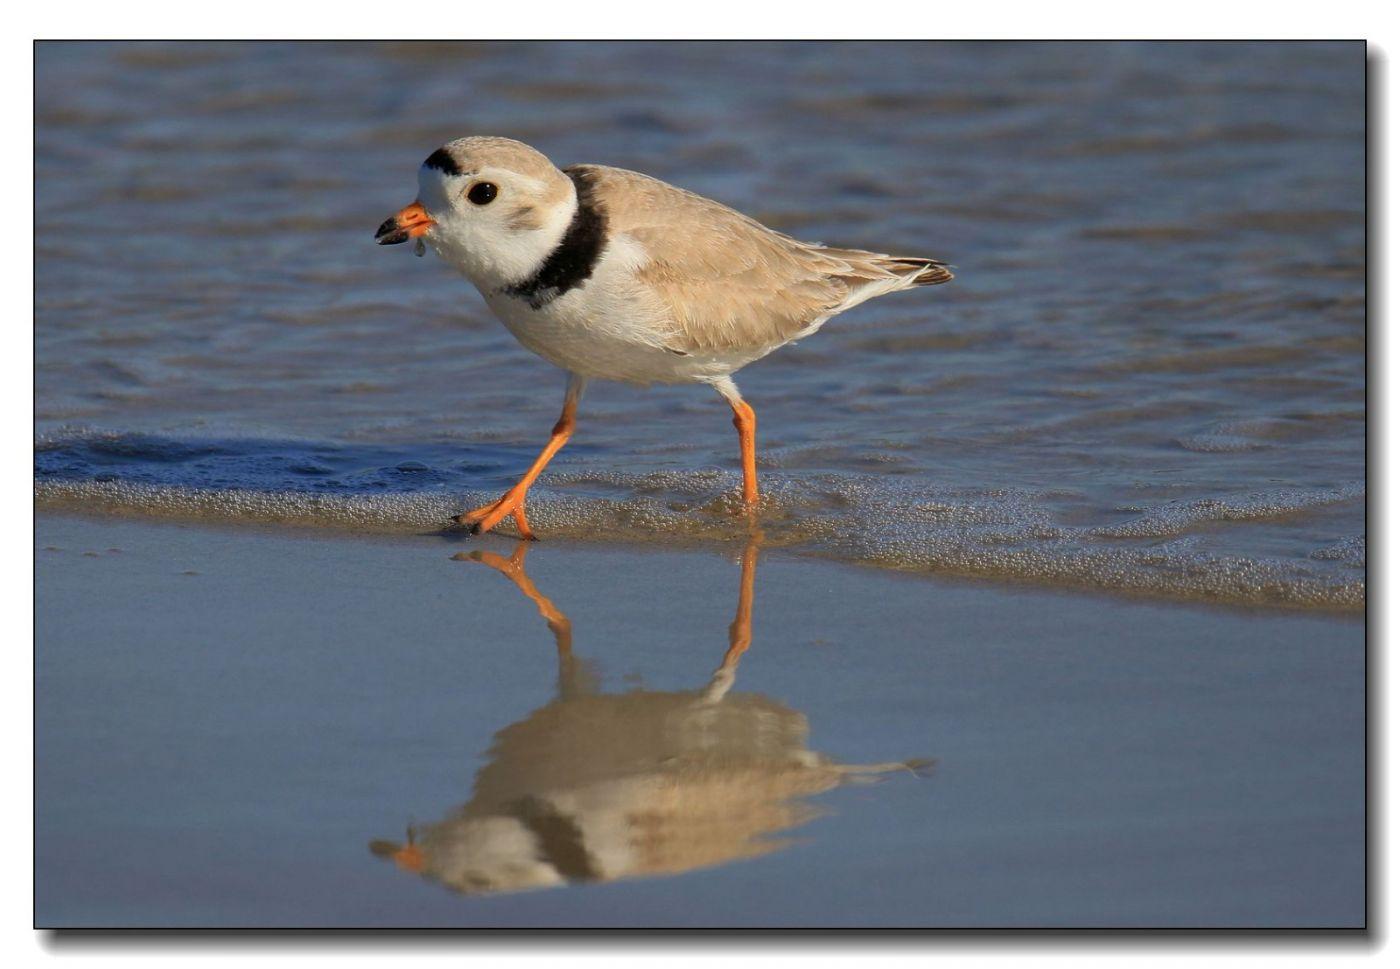 洛克威海滩拍鸟—环颈鸻_图1-14